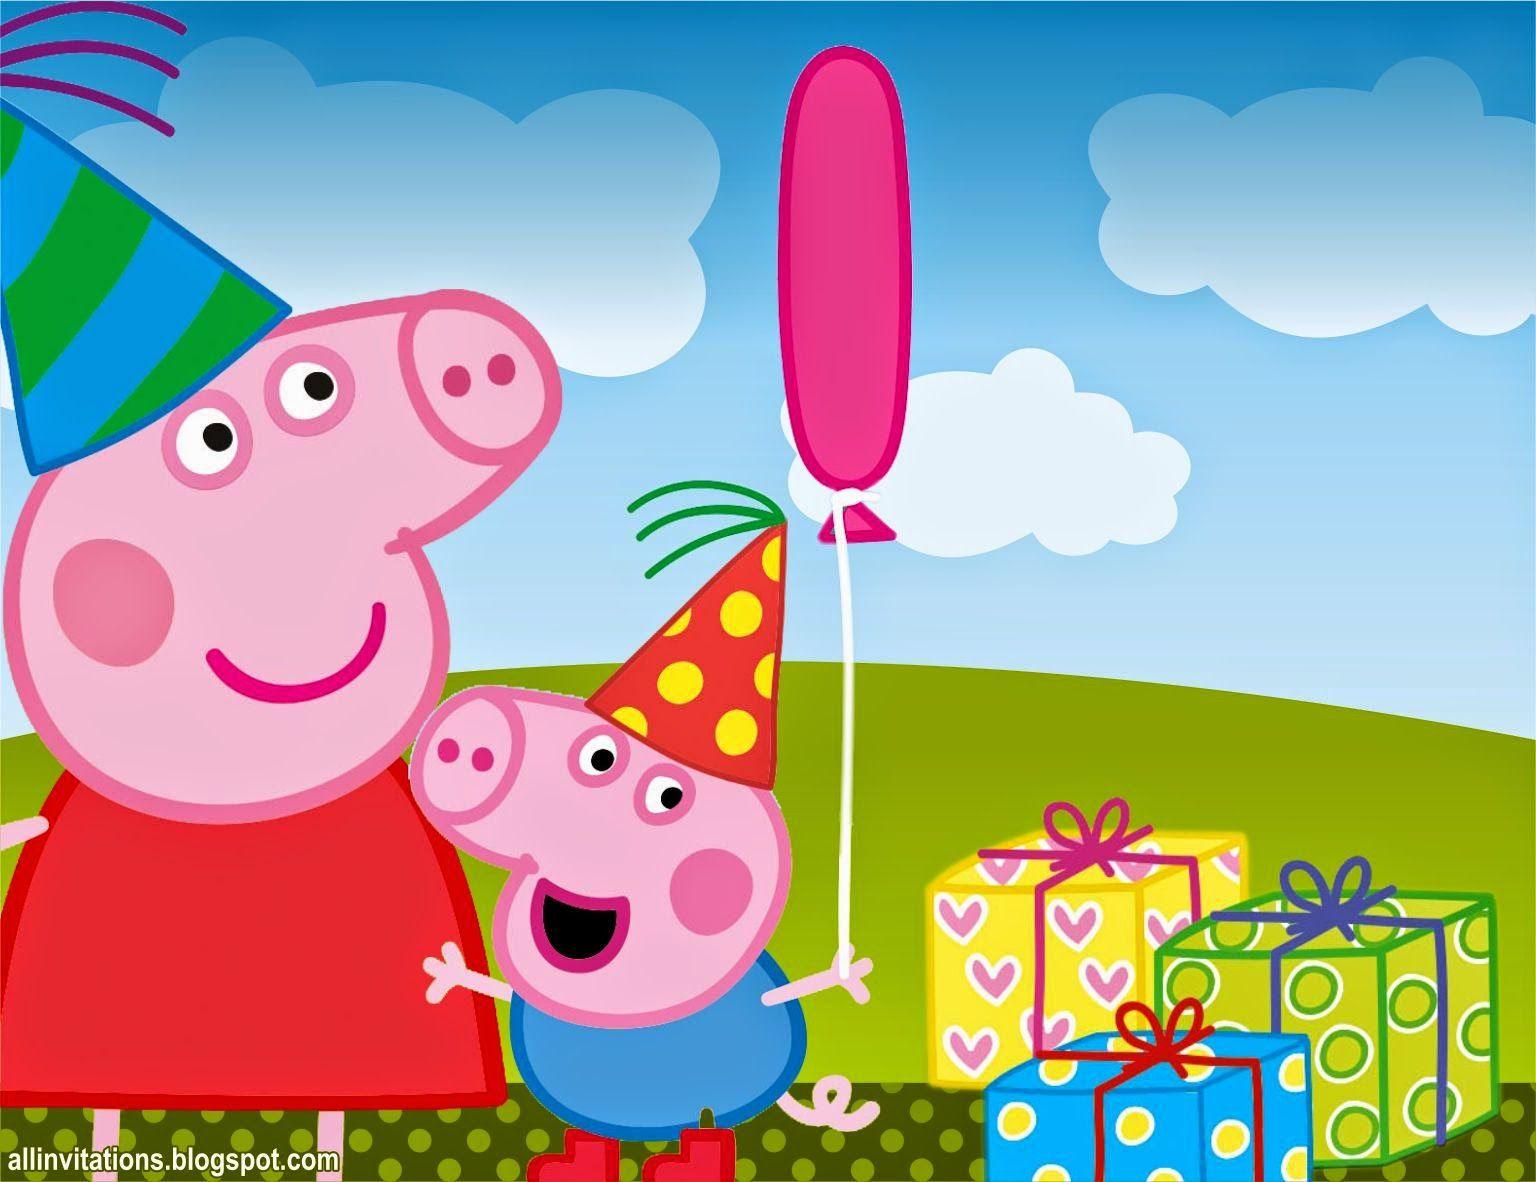 Открытка пеппа с днем рождения, аниме открытки поздравление